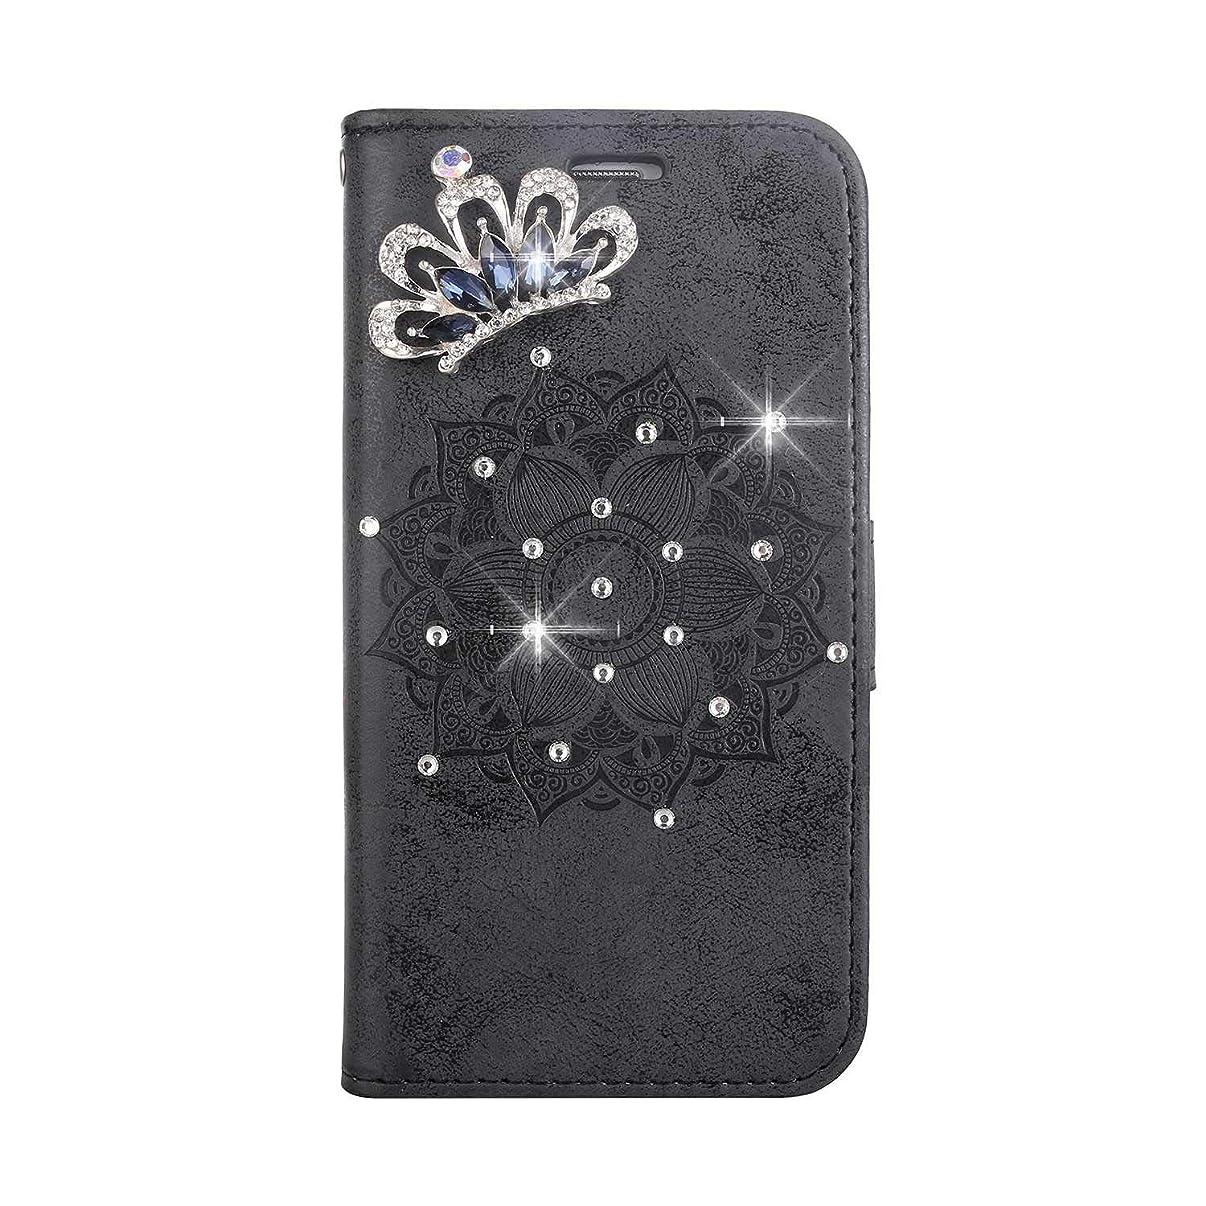 いちゃつく恐れる持ってるiPhone X/iPhone XS 防塵 ケース, CUNUS 高品質 合皮レザー ケース 超薄型 軽量 スタンド機能 キラキラ 星 れ カード収納 カバー Apple iPhone X/iPhone XS 用, ブラック